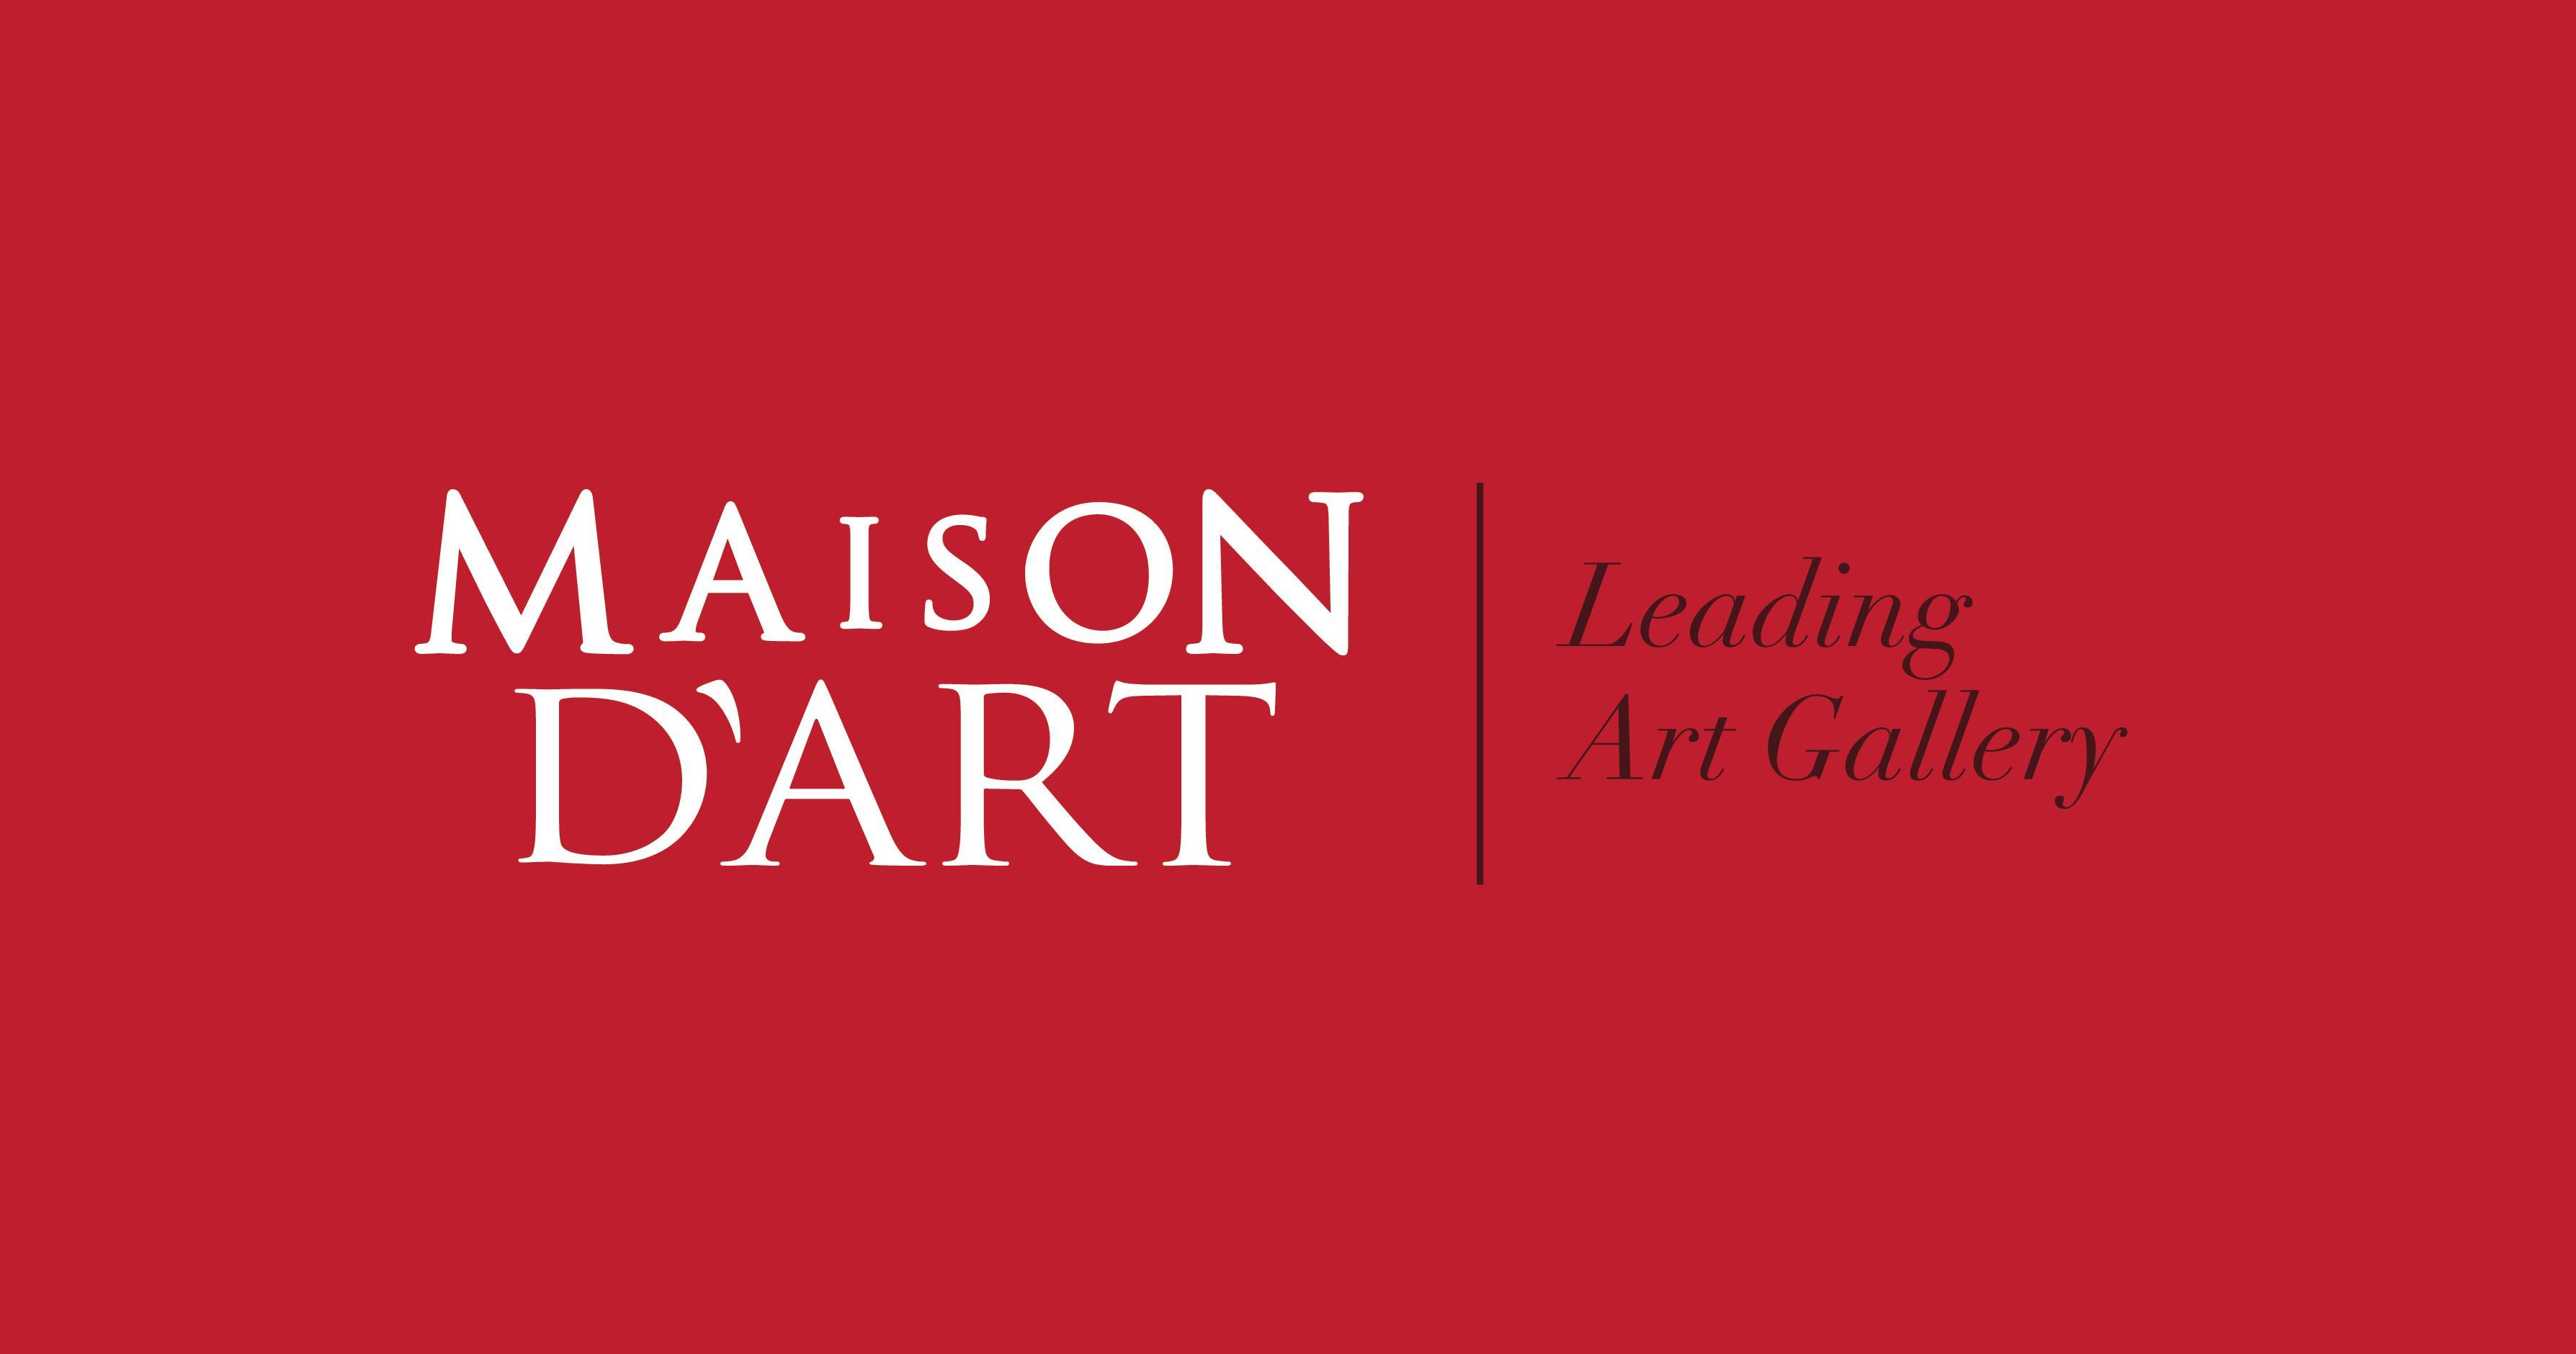 MAISON D'ART